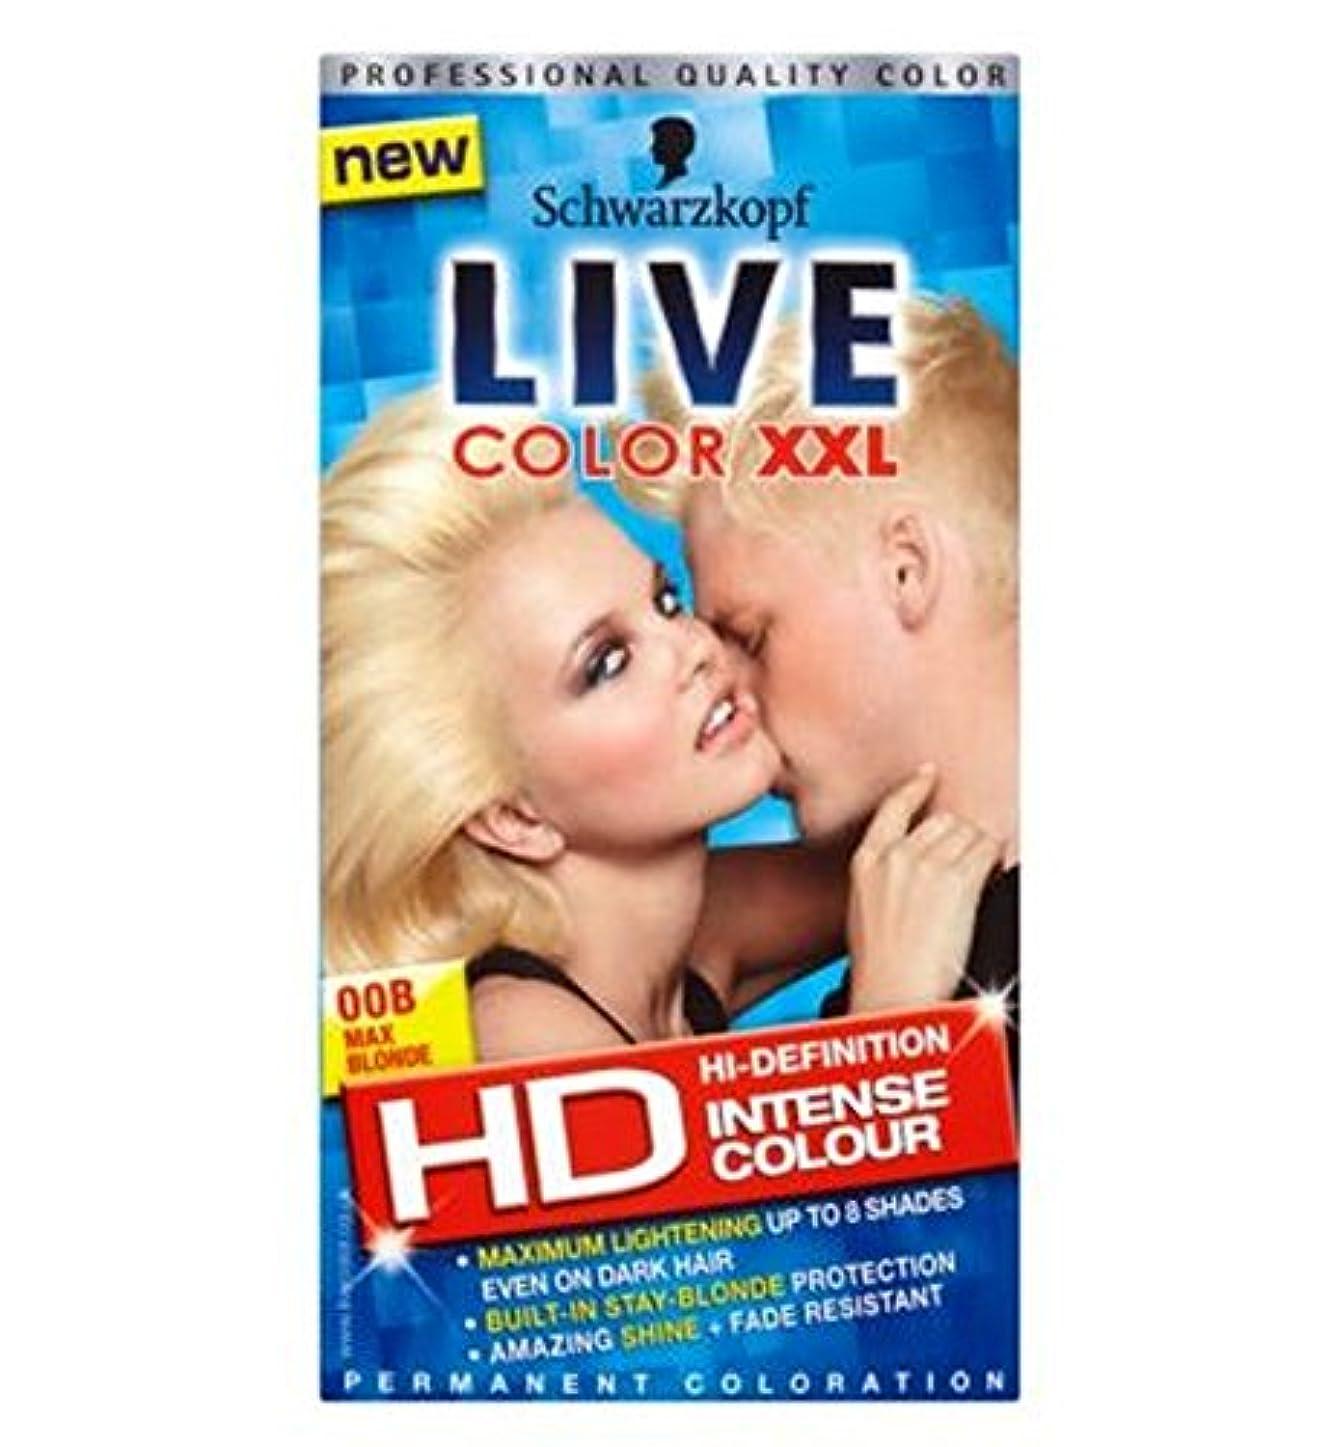 ウォルターカニンガムクラウド今後シュワルツコフライブカラーXxl色の強い永久着色00B最大ブロンド (Schwarzkopf) (x2) - Schwarzkopf Live Color XXL Colour Intense Permanent Coloration 00B Max Blonde (Pack of 2) [並行輸入品]